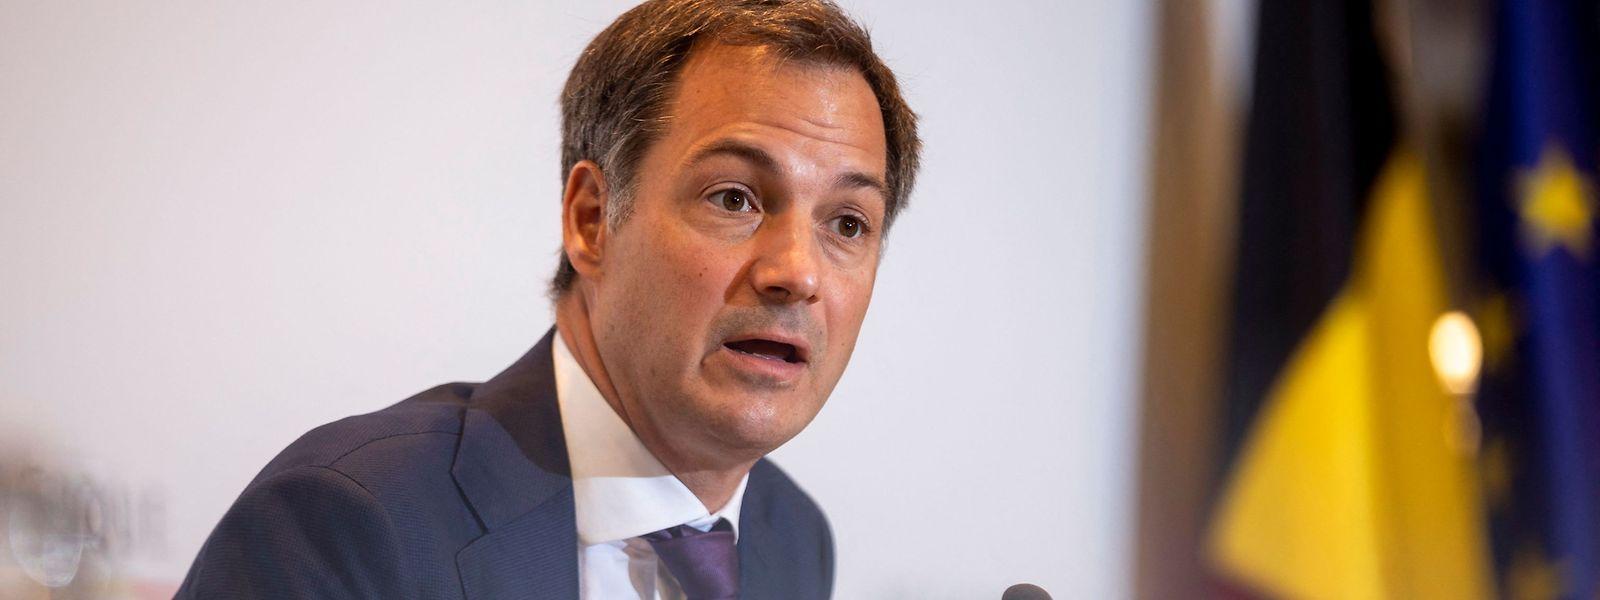 Le Premier ministre belge a clairement désigné la non-vaccination anti-covid comme l'ennemi public n°1.